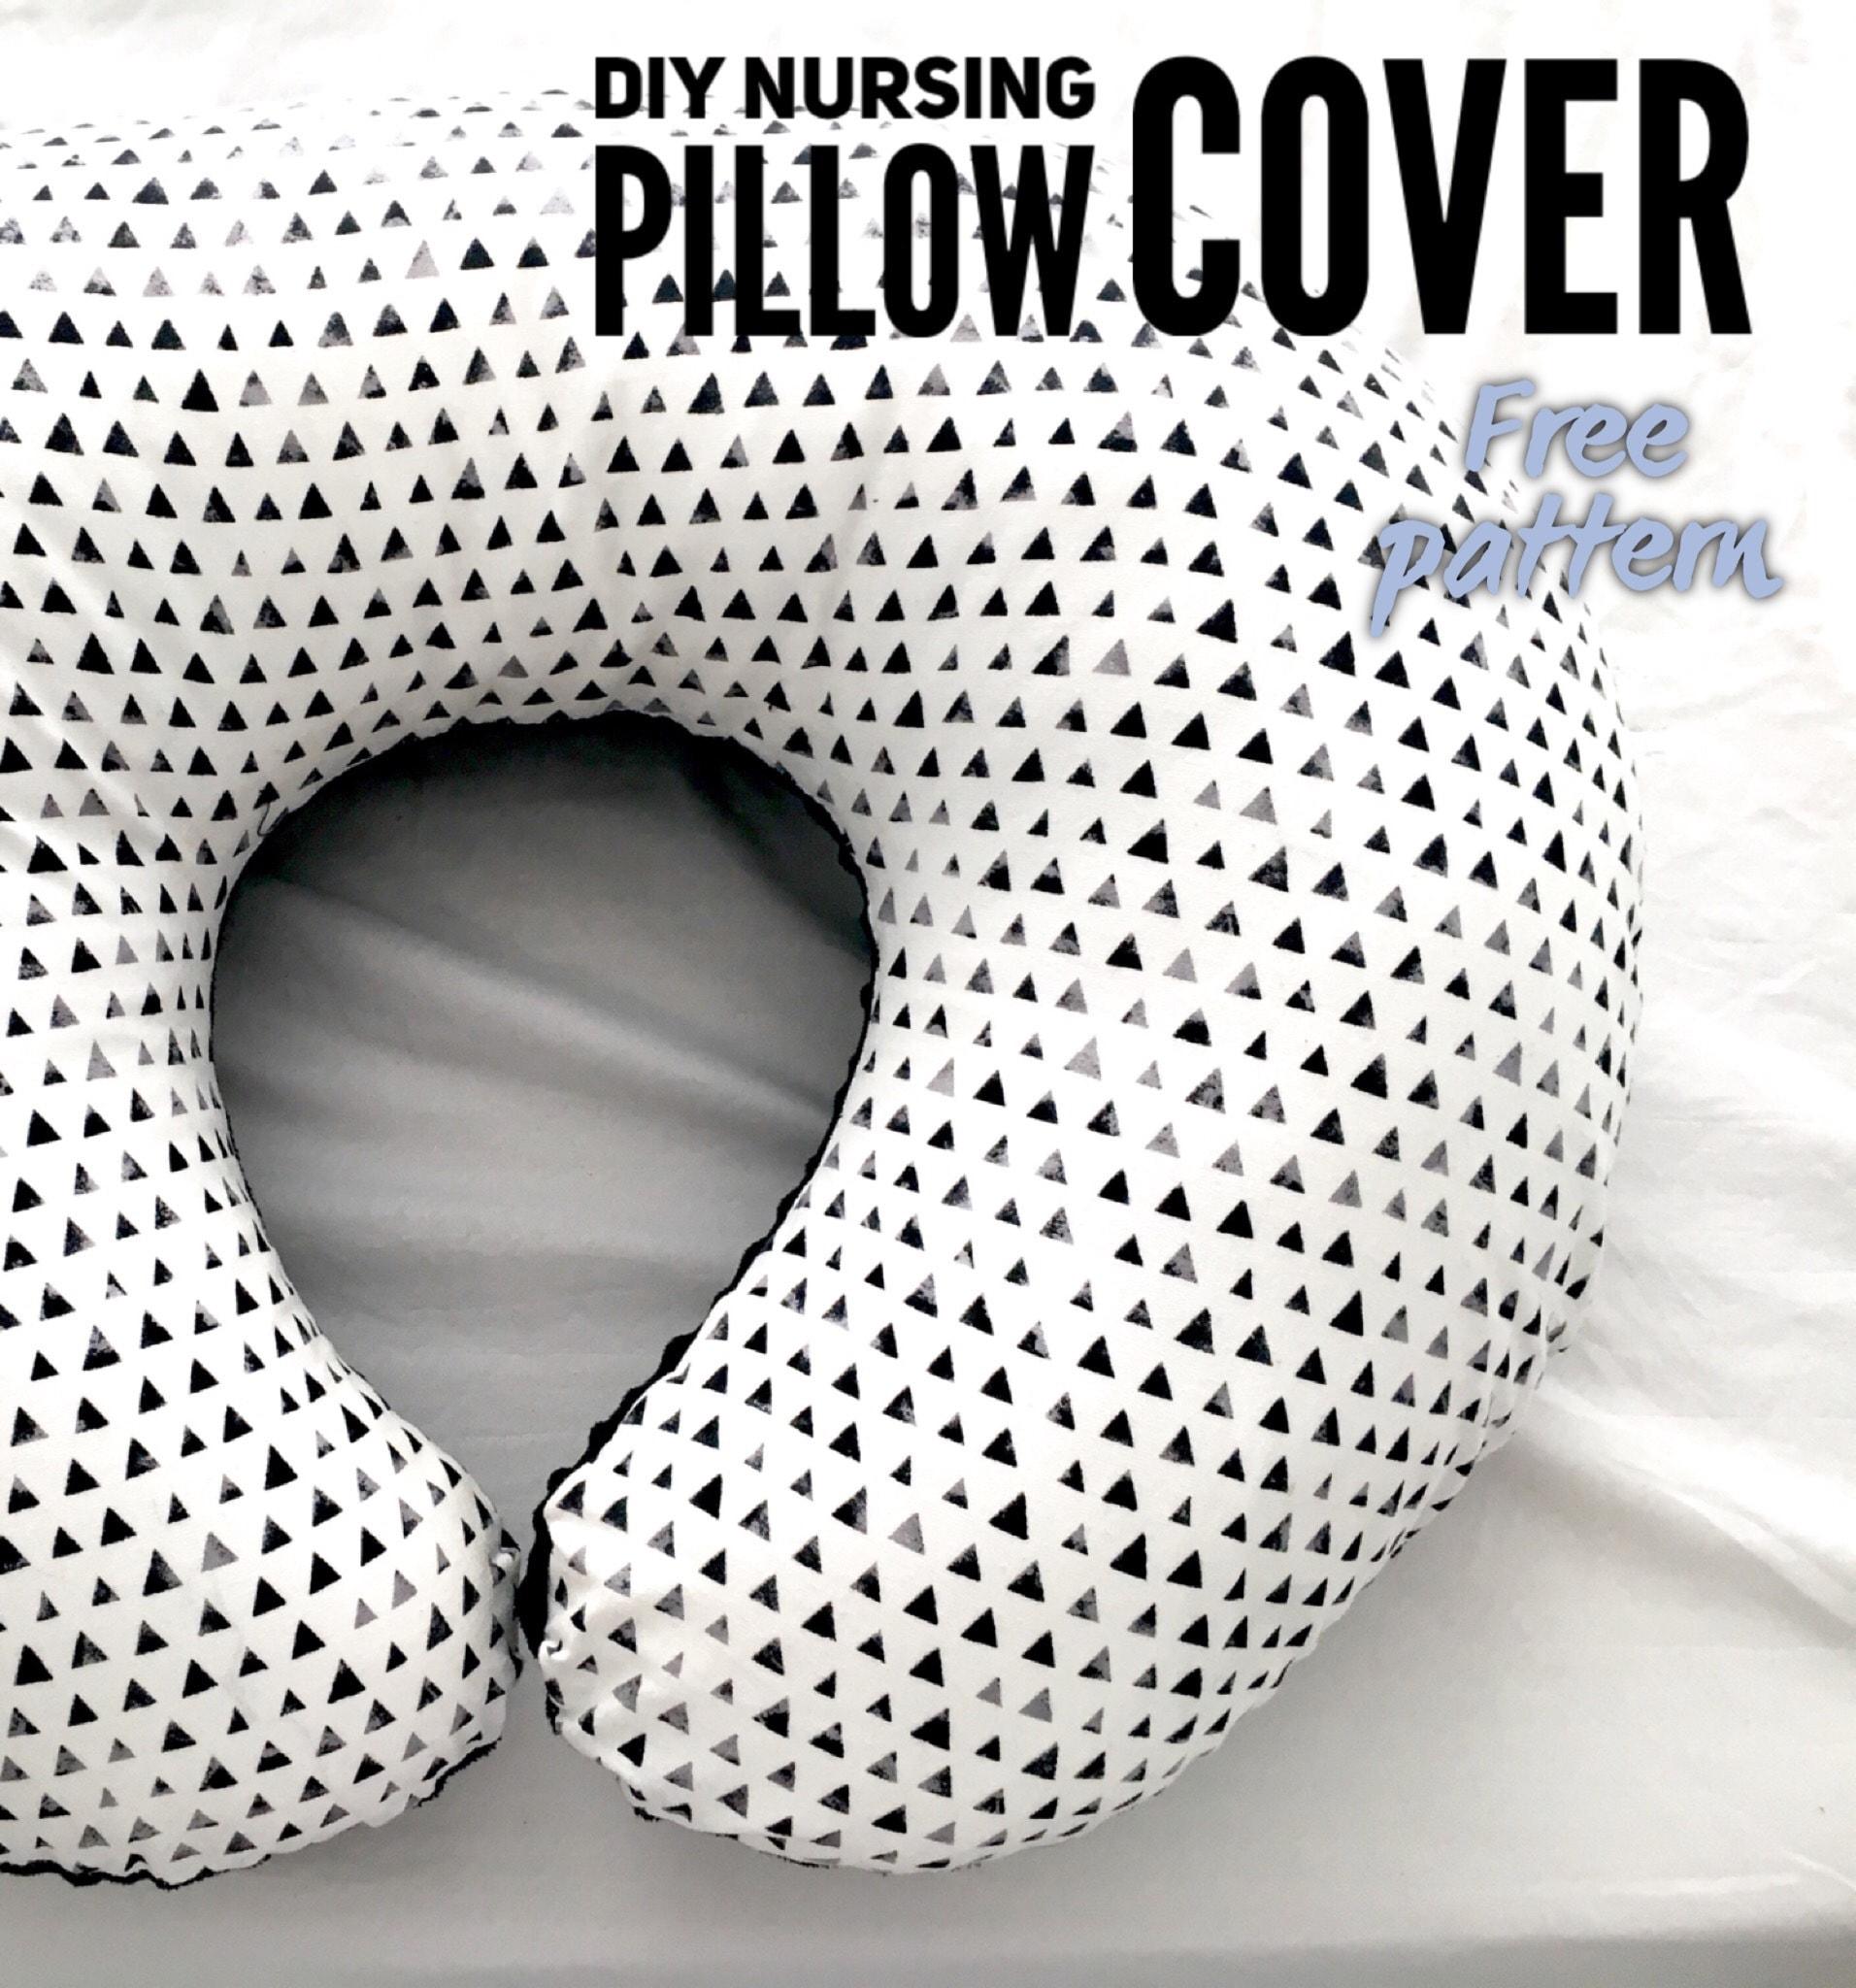 diy nursing pillow cover cassie scroggins